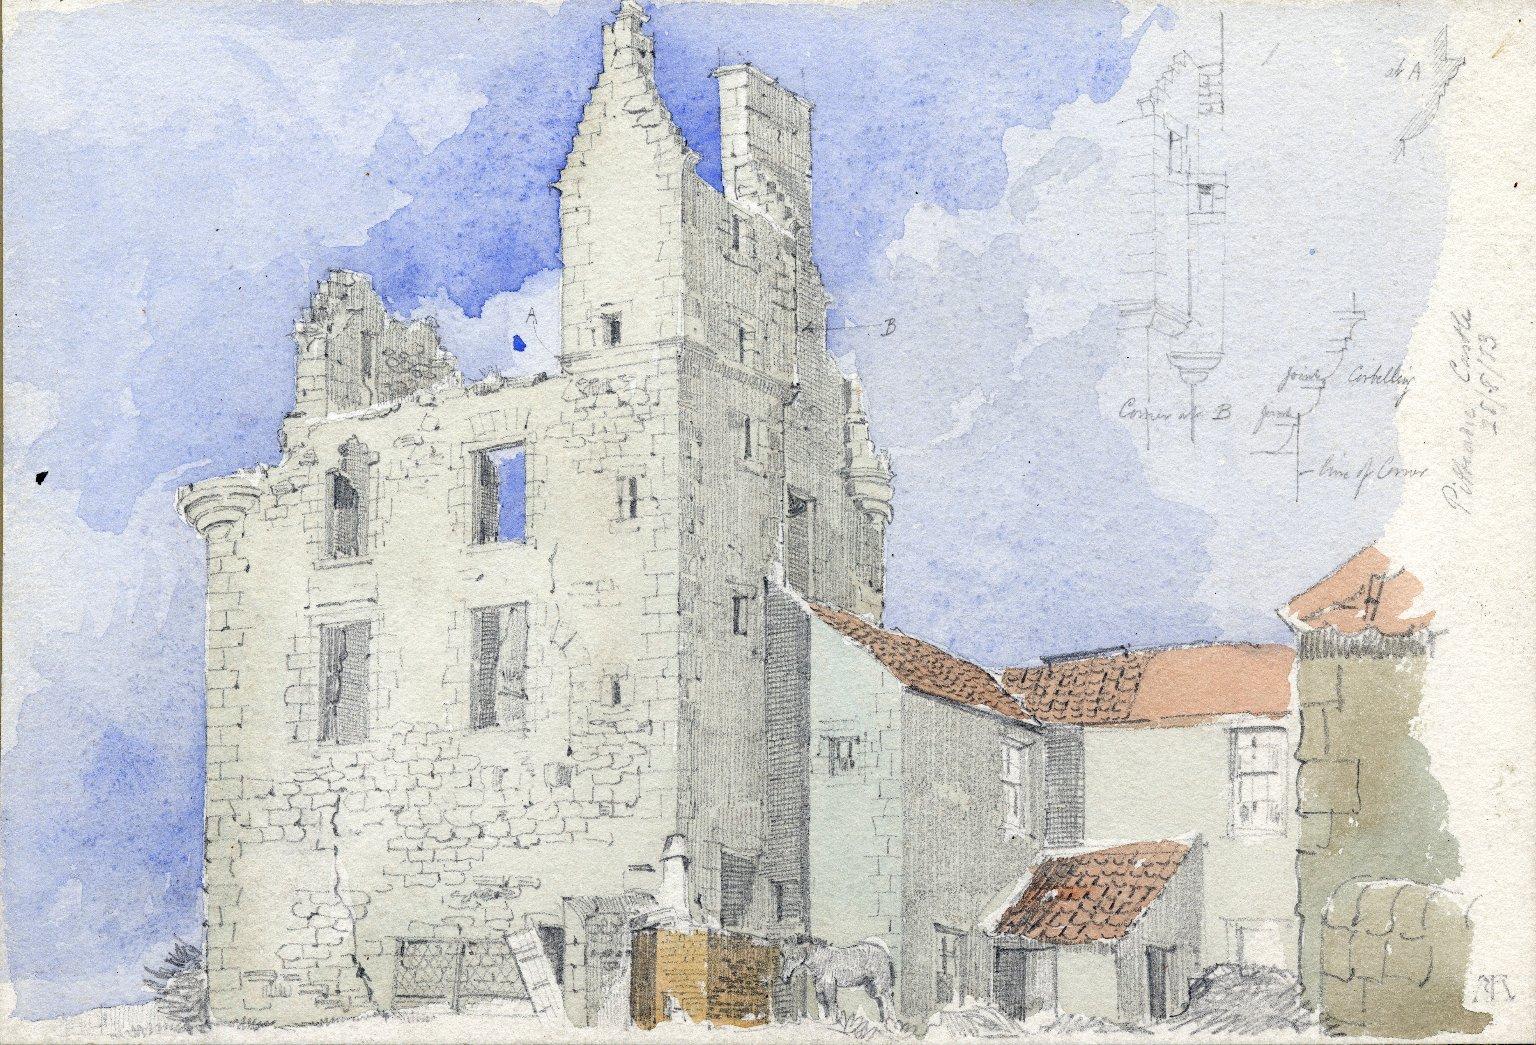 Pitteadie Castle